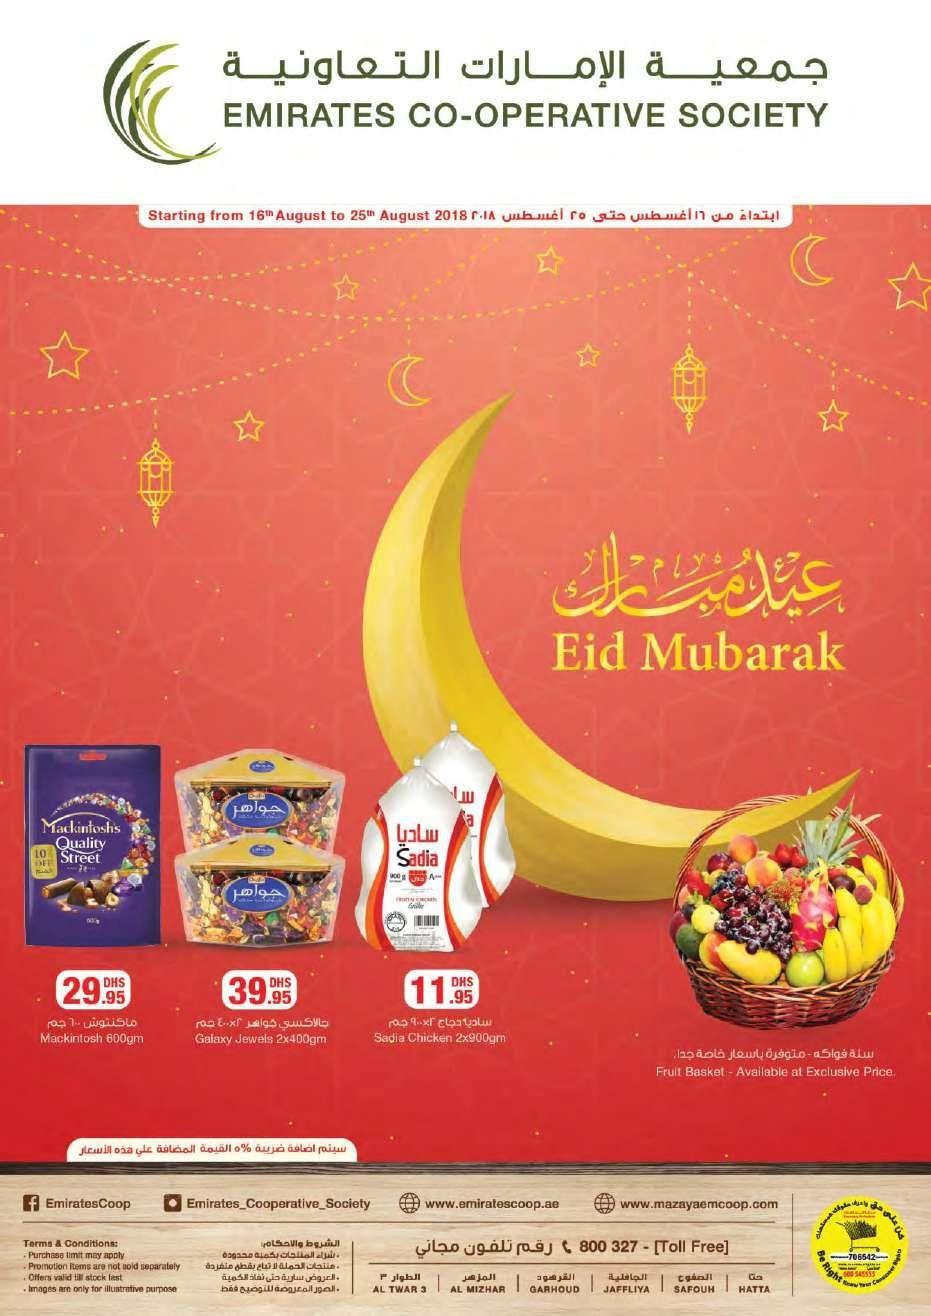 Eid mubarak emirates cooperative society with highly